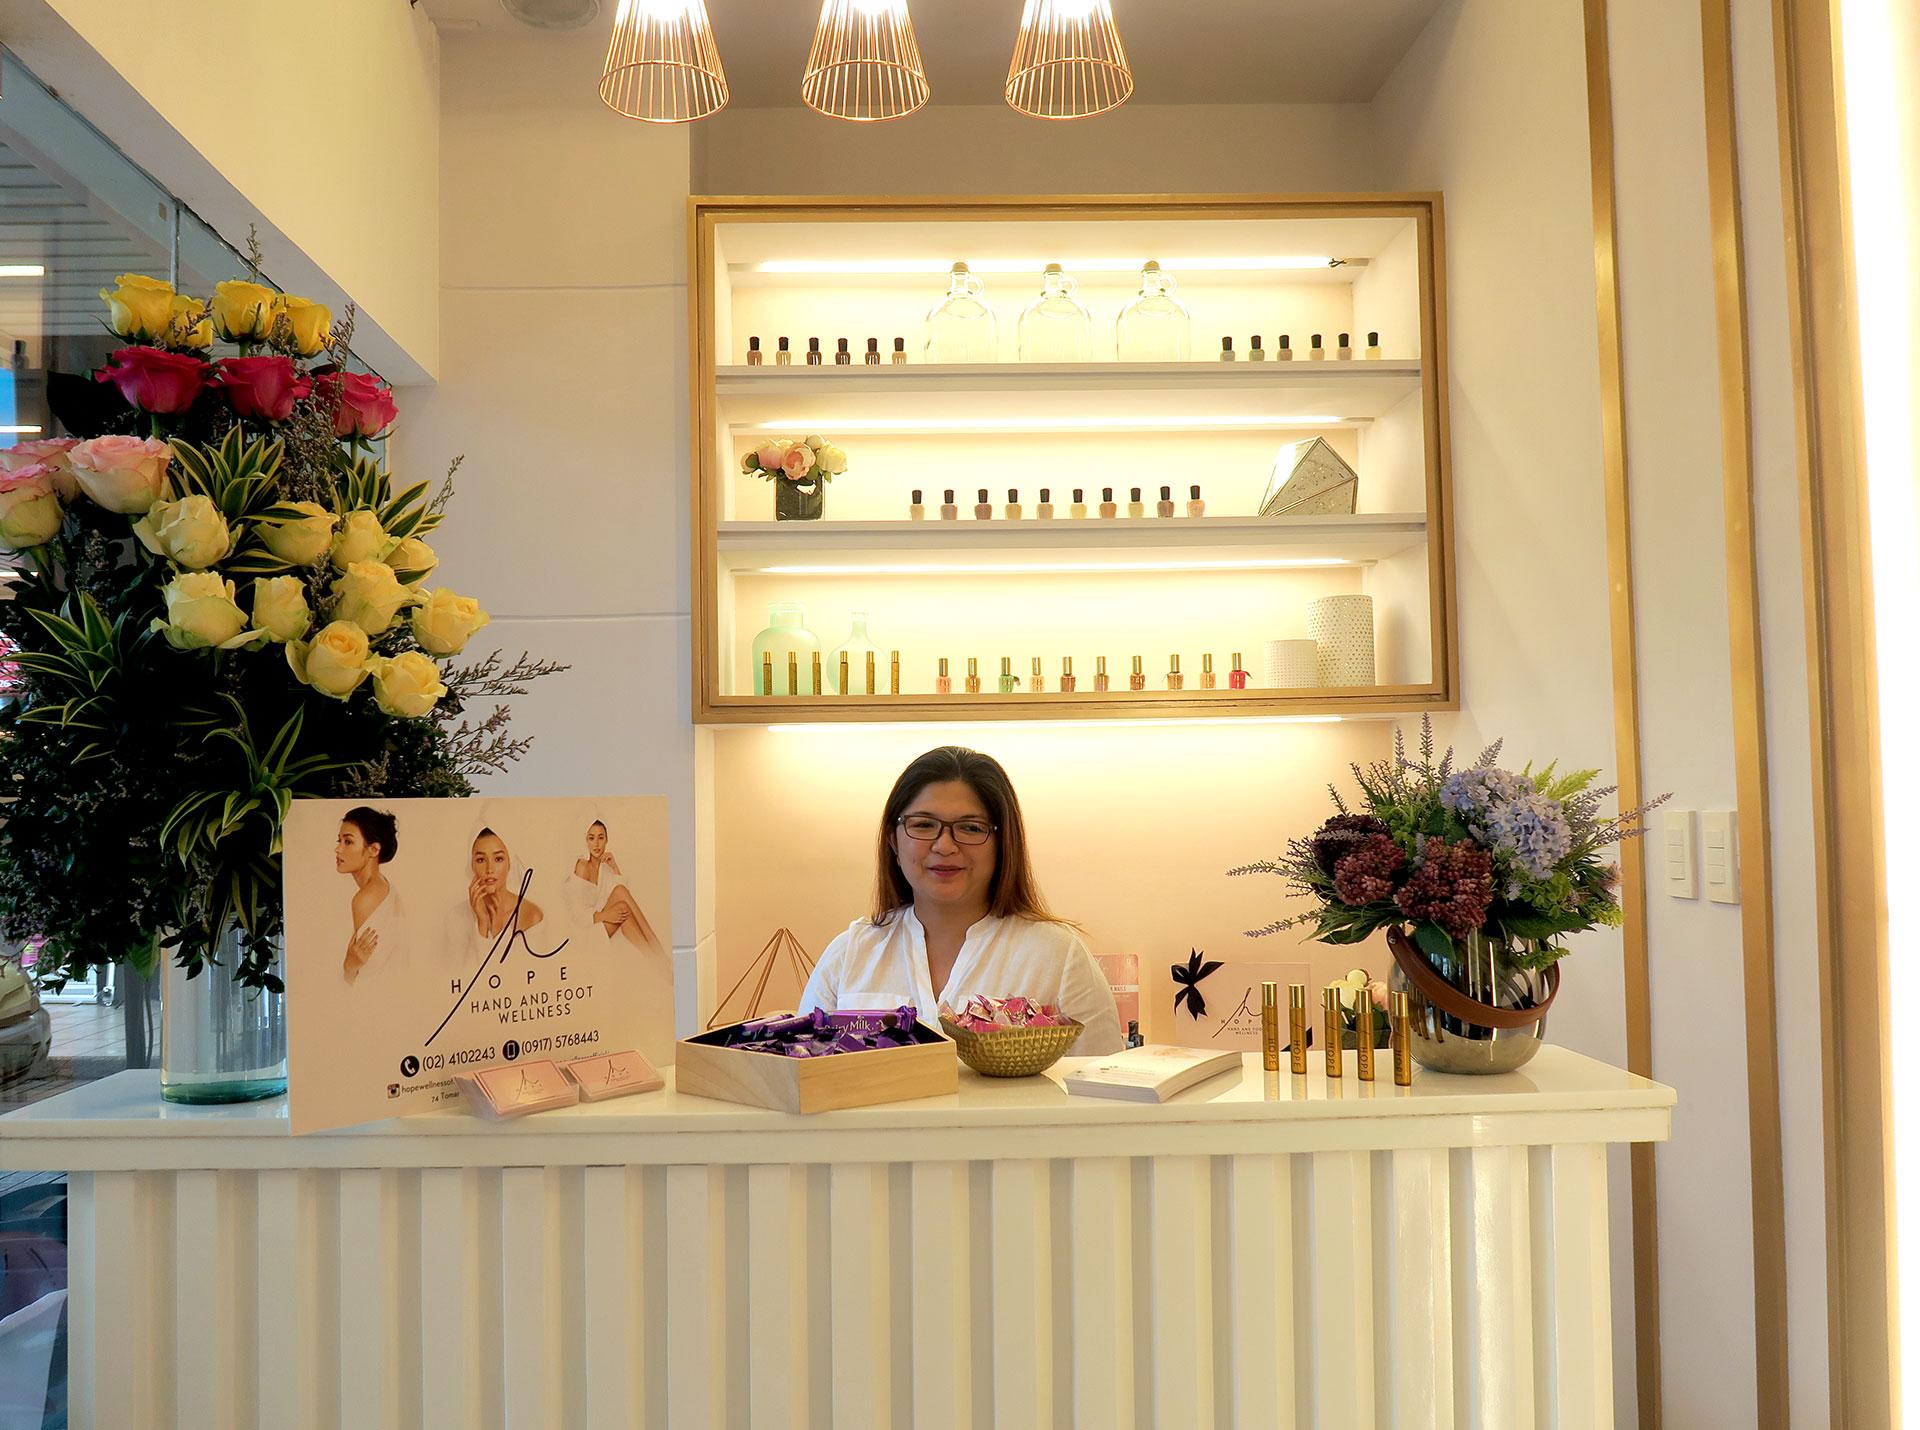 6 Liza Soberano Hope Wellness Grand Launch - Gen-zel She Sings Beauty